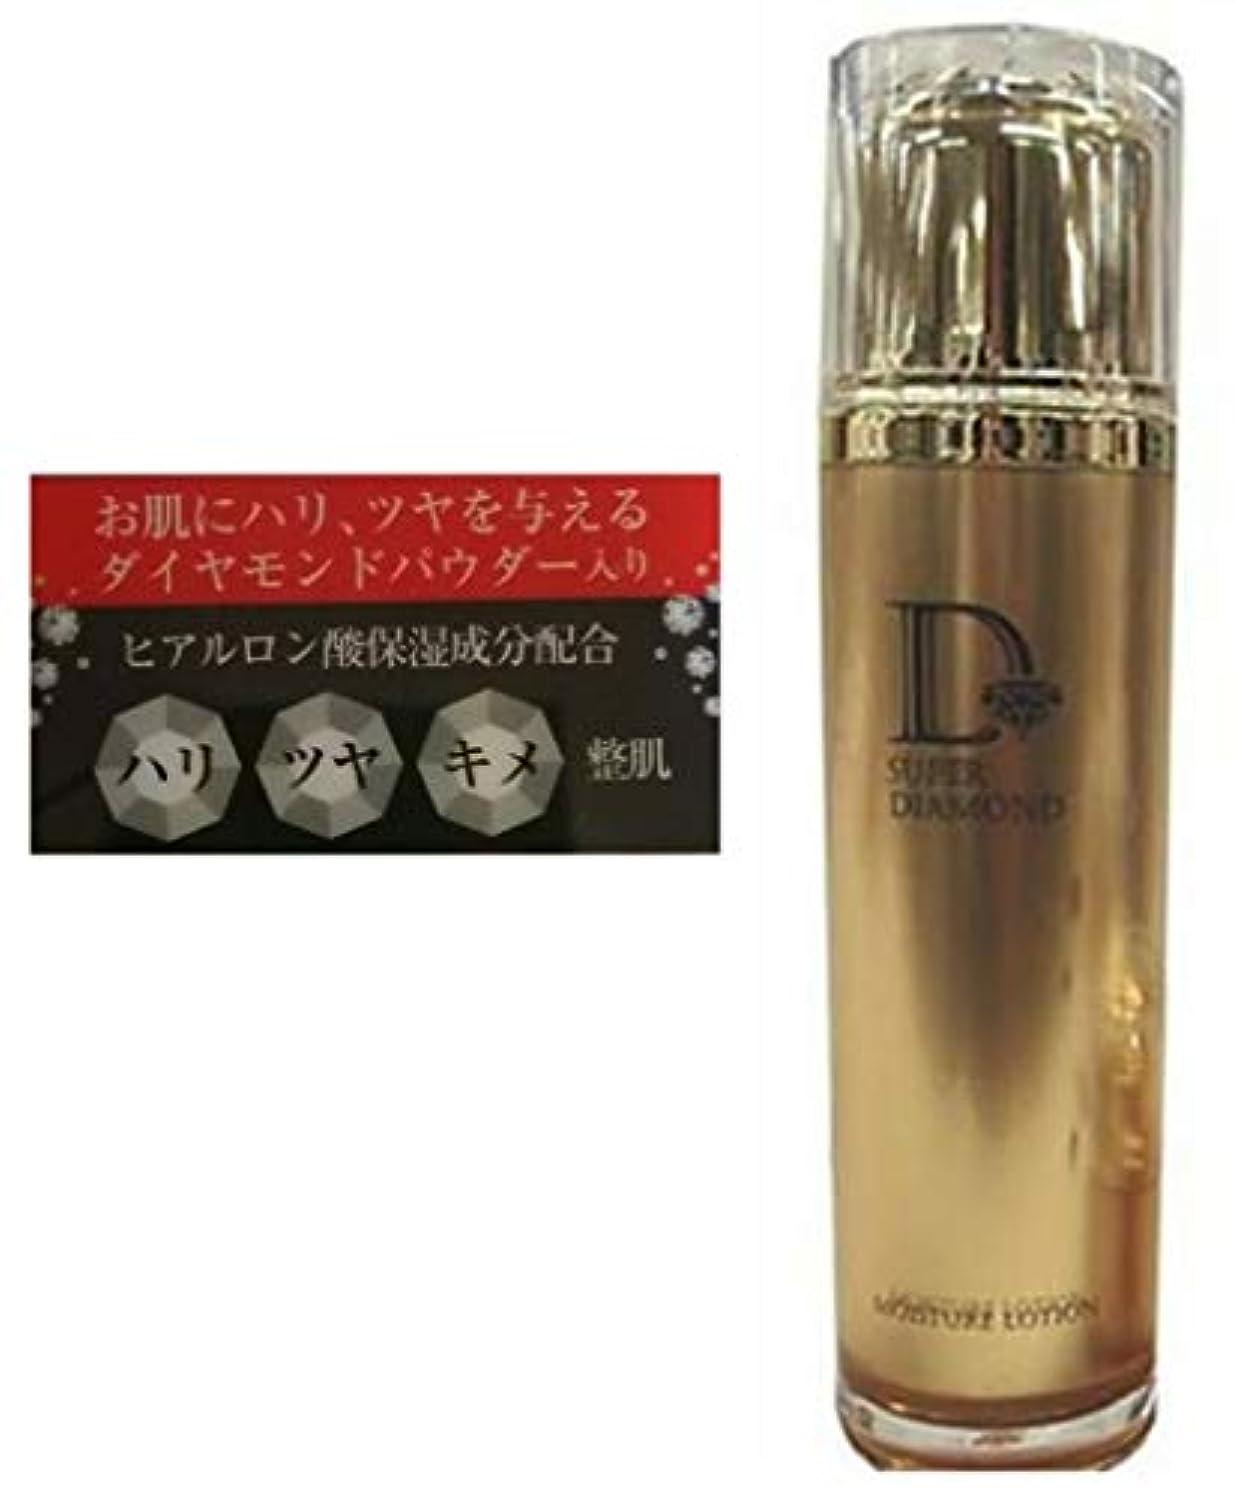 ビザ宝かなりのスーパーダイヤモンド 保湿化粧水 ハリ ツヤ キメ ダイヤモンド 日本製 保湿 化粧水 ヒアルロン酸